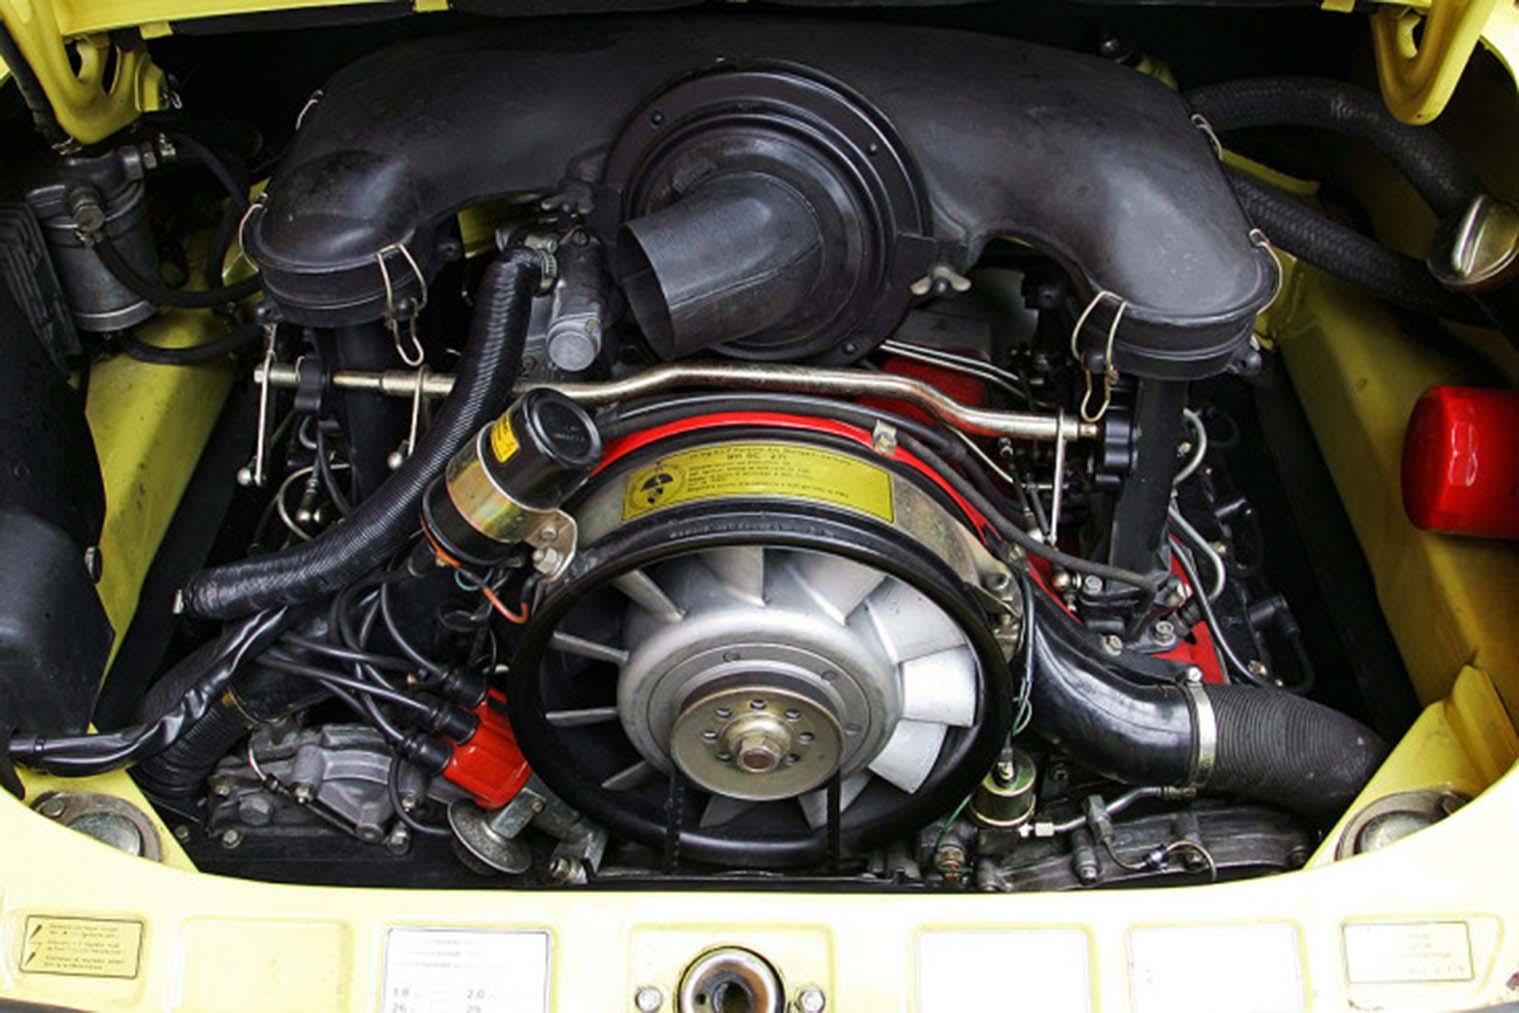 Porsche-911-Carrera-2-7-von-1973-Motor.jpg